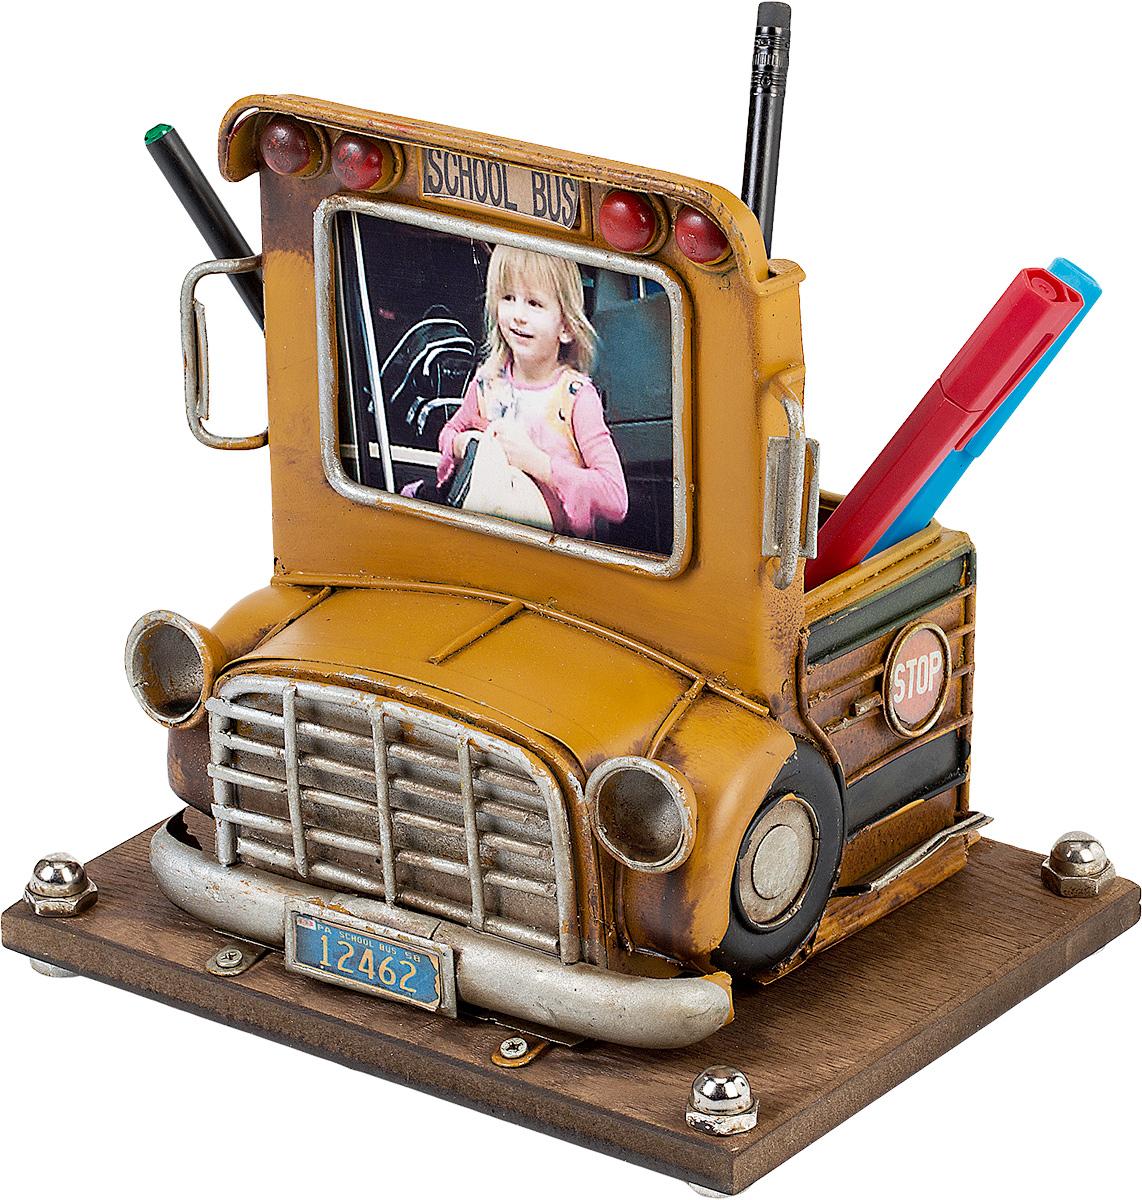 Фоторамка Platinum Школьный автобус, с подставкой для ручек, 6 х 8 см1404B-1286Фоторамка Platinum Школьный автобус, выполненная из металла, оснащенаподставкой для ручек и карандашей. Такаяфоторамка поможет вам оригинально и стильно дополнить интерьер помещения,а также позволит сохранить память о дорогих вам людях и интересных событияхвашей жизни.